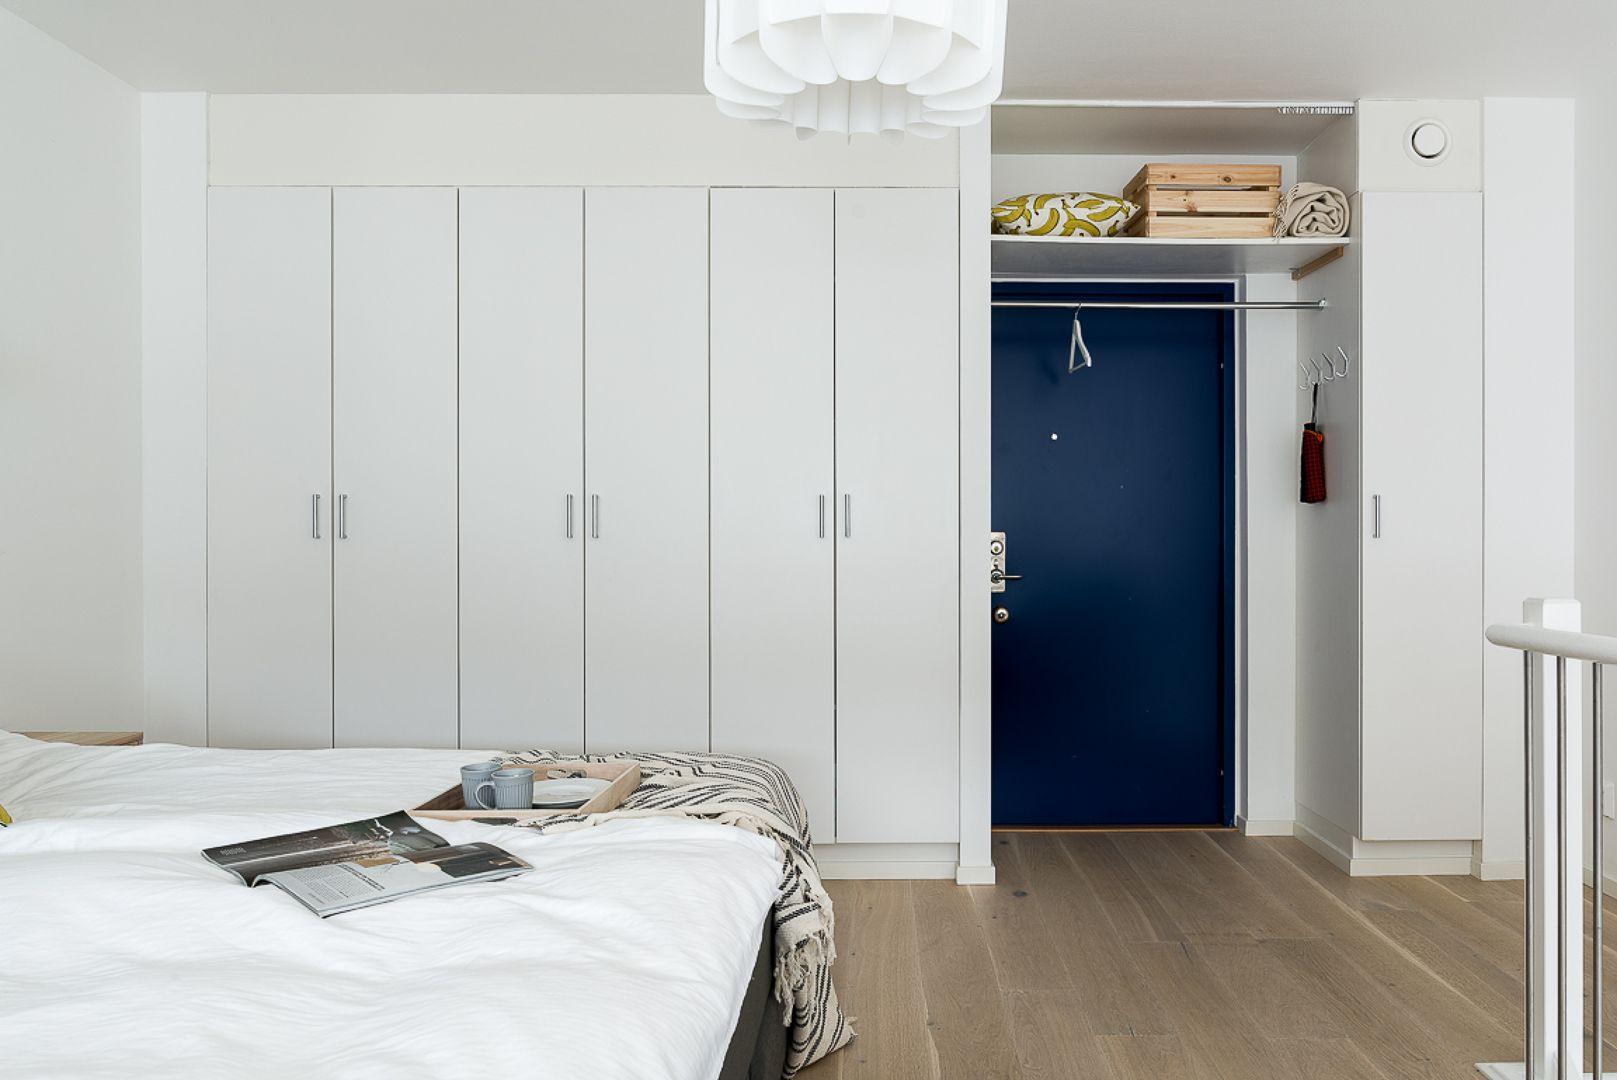 Armadio a muro | Armadio a muro, Camera da letto, Idee per ...